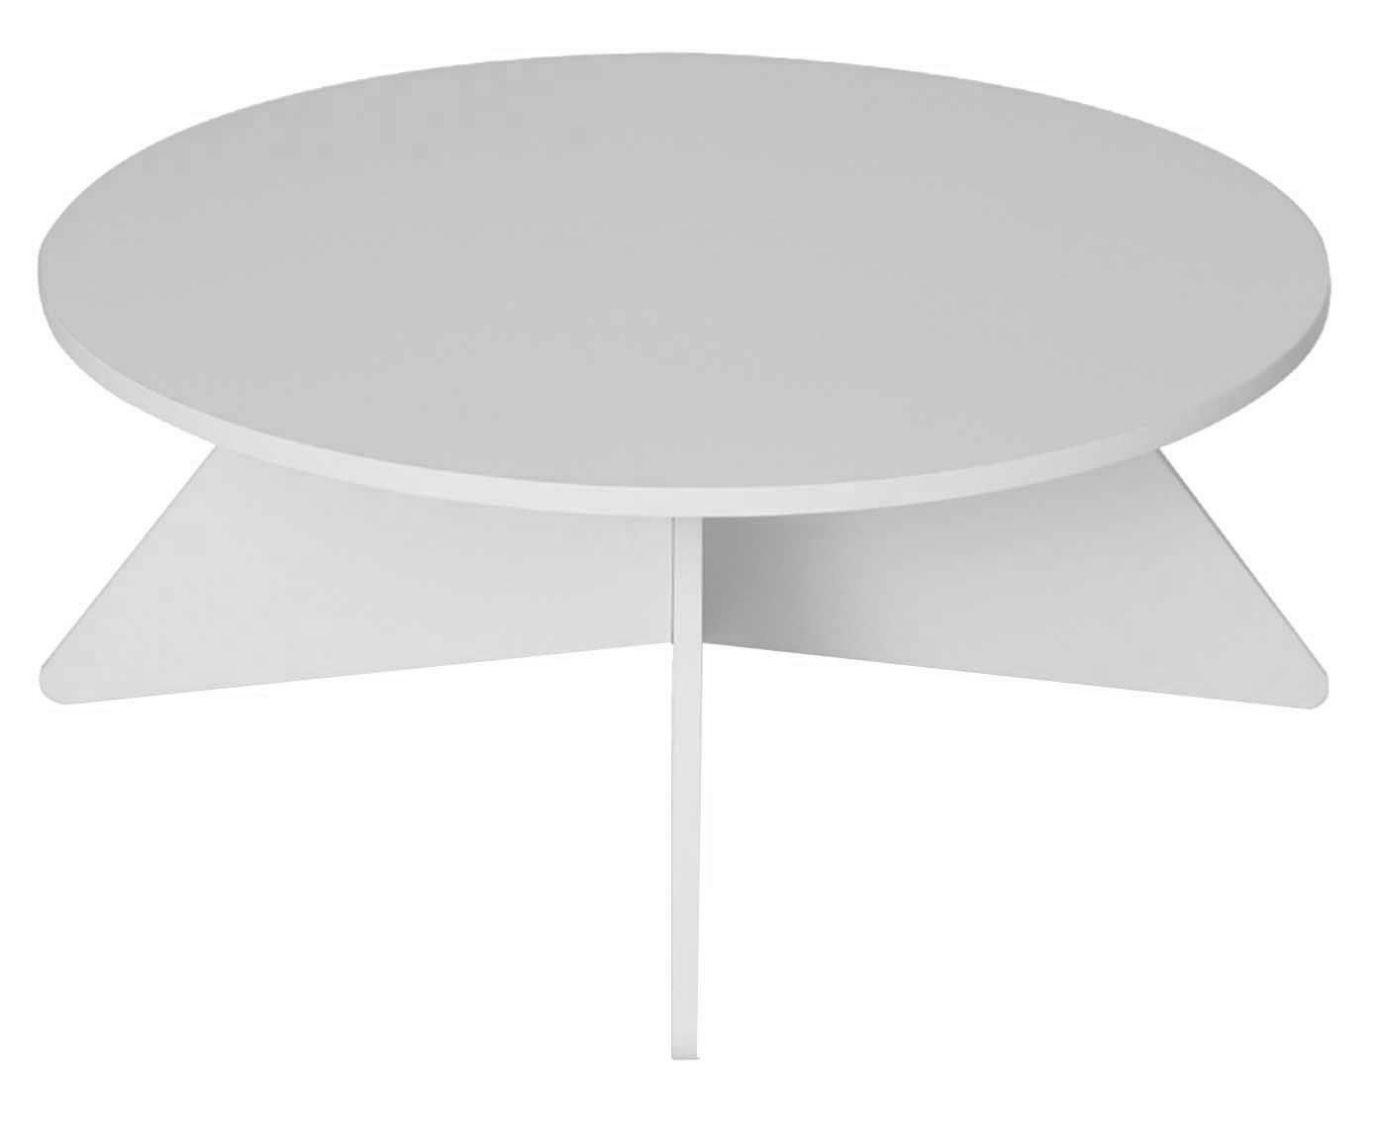 Mesa de Centro Rolo Klar - 88cm | Westwing.com.br